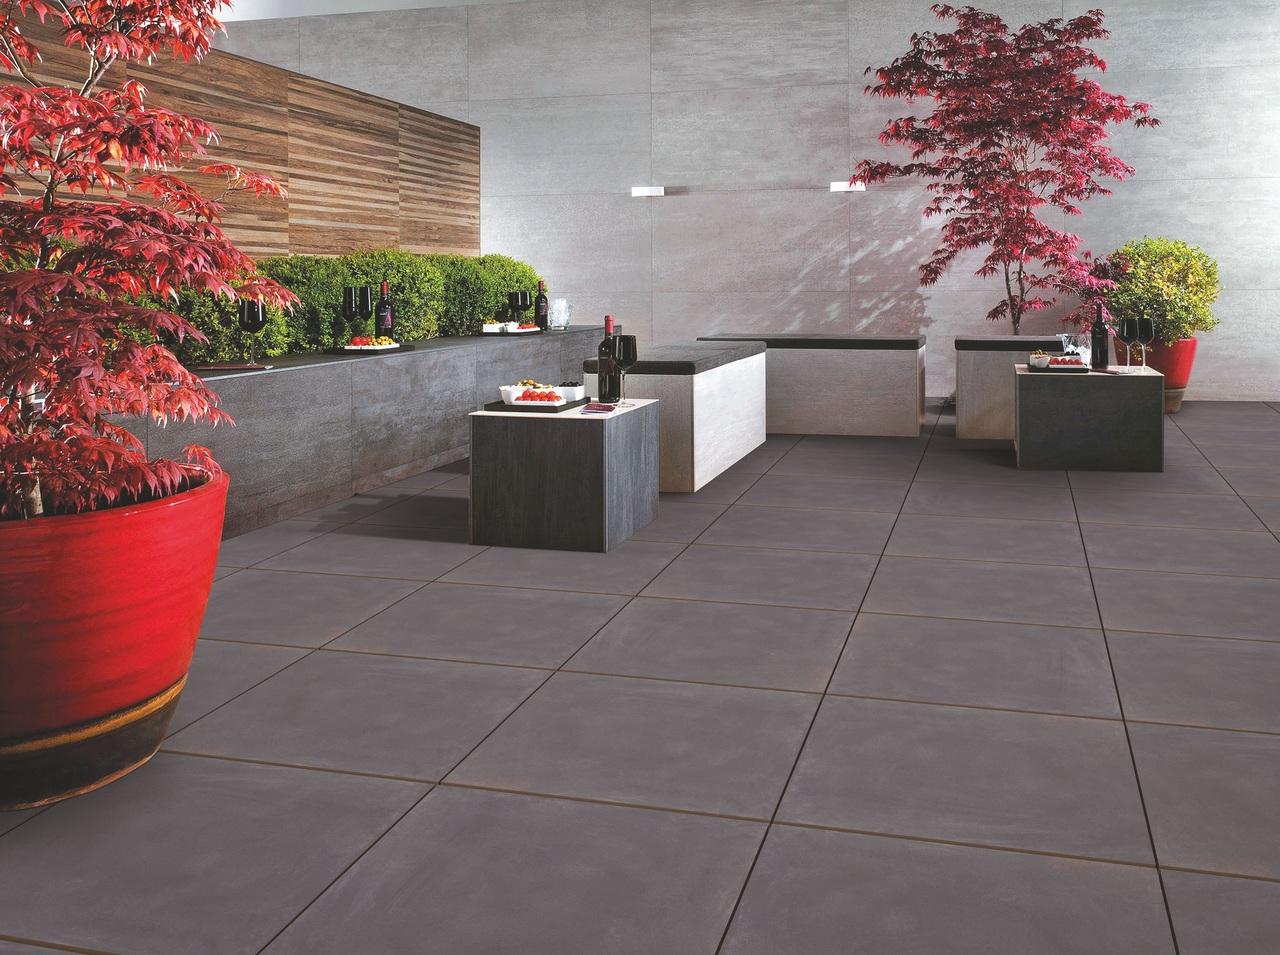 carrelage de sol dans villa architecte sur Draguignan